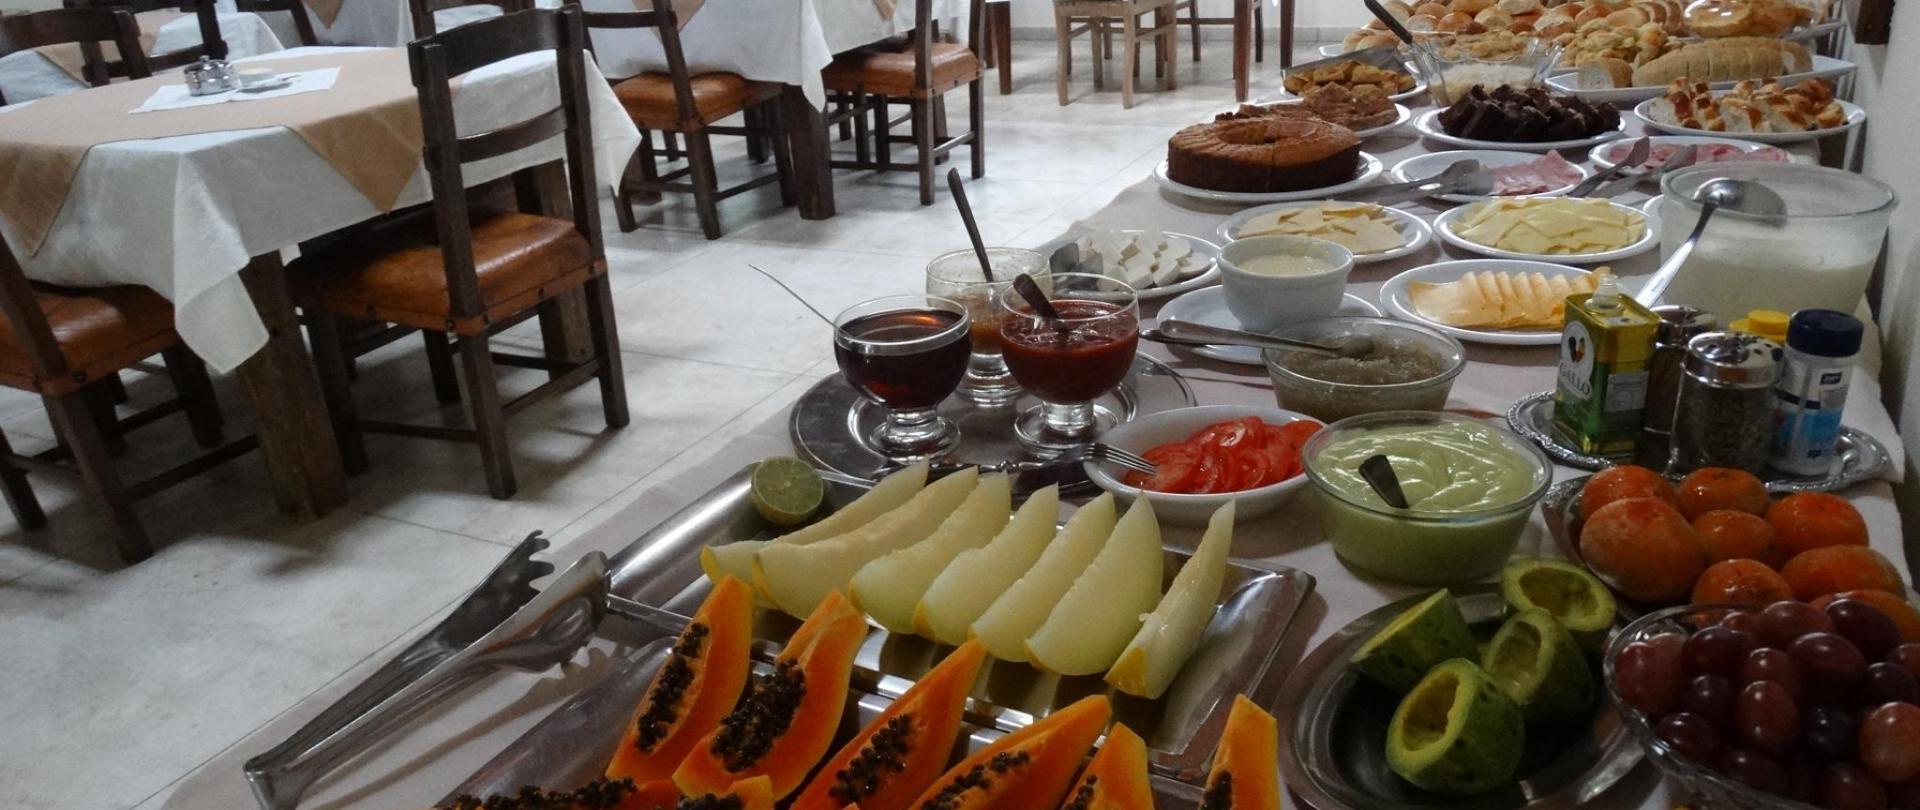 Café da manhã1.JPG